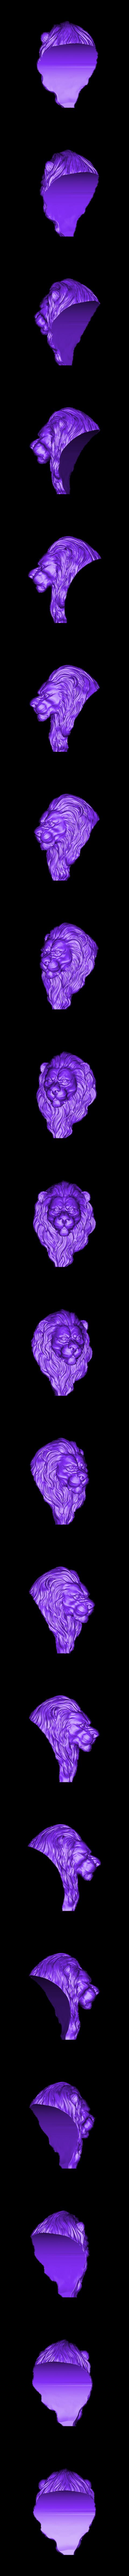 Lion.OBJ Download free OBJ file Lion • 3D printing model, Dynastinae